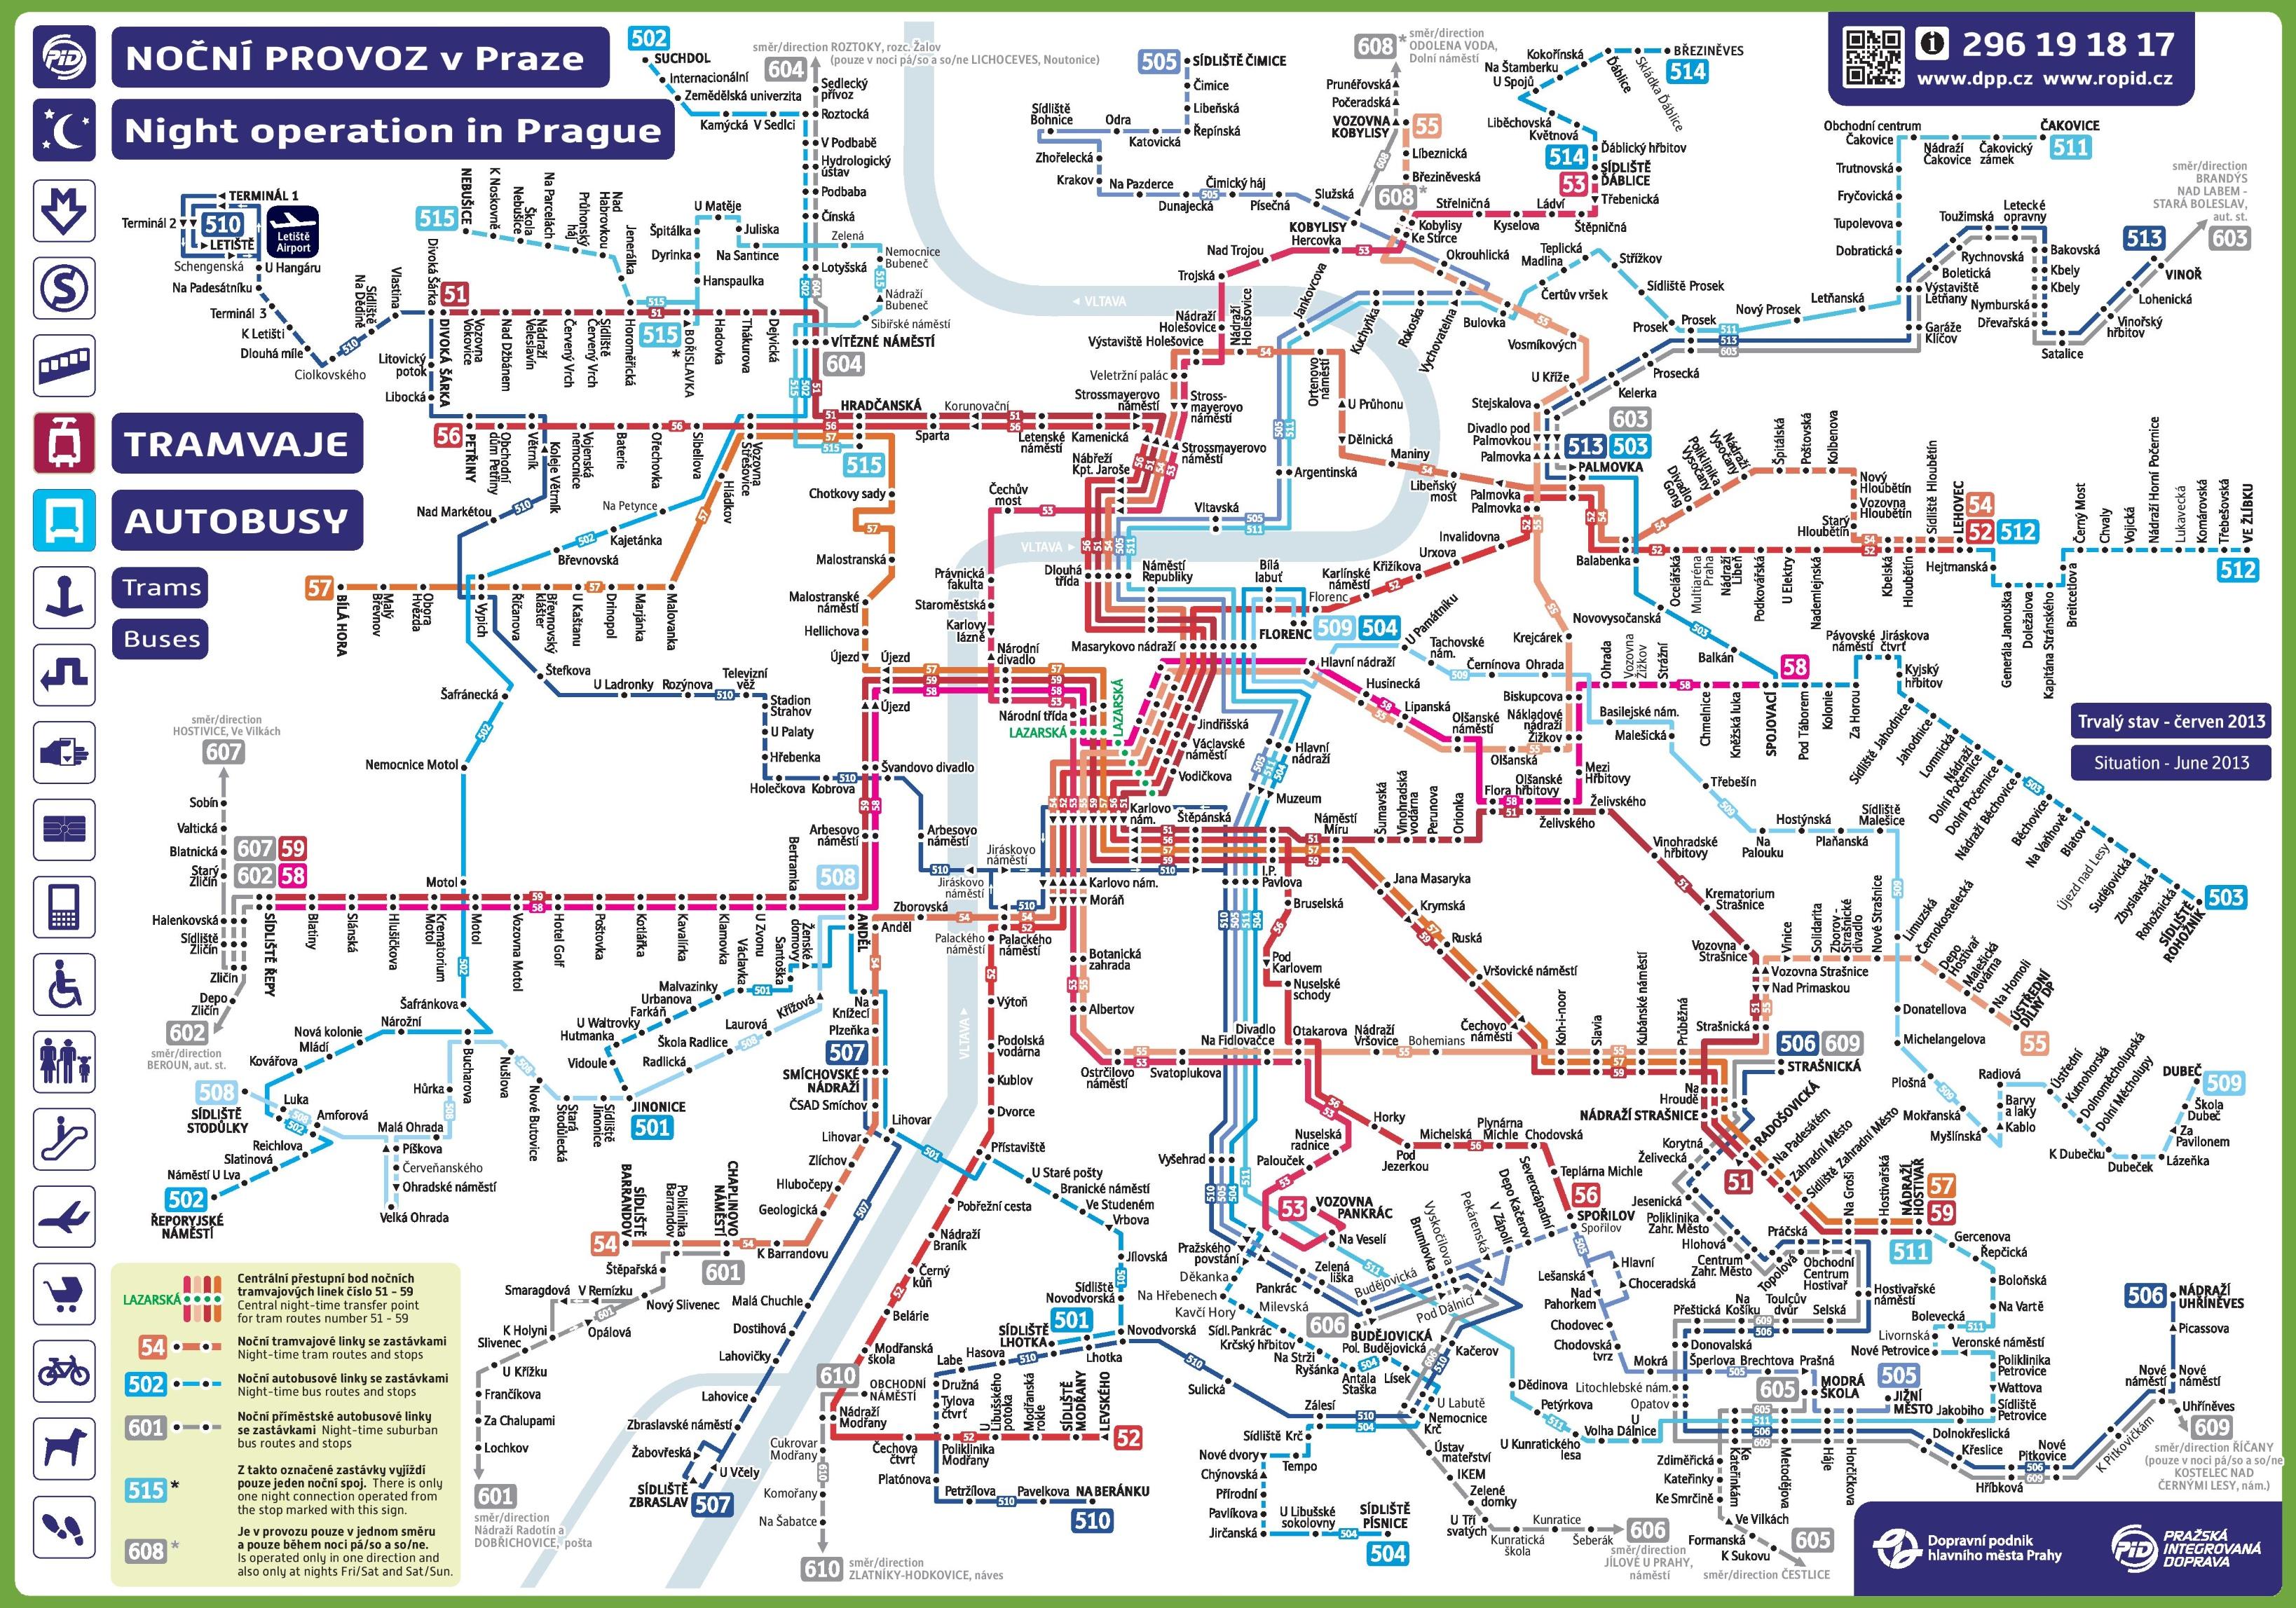 prague night tram map Prague Night Transport Map prague night tram map